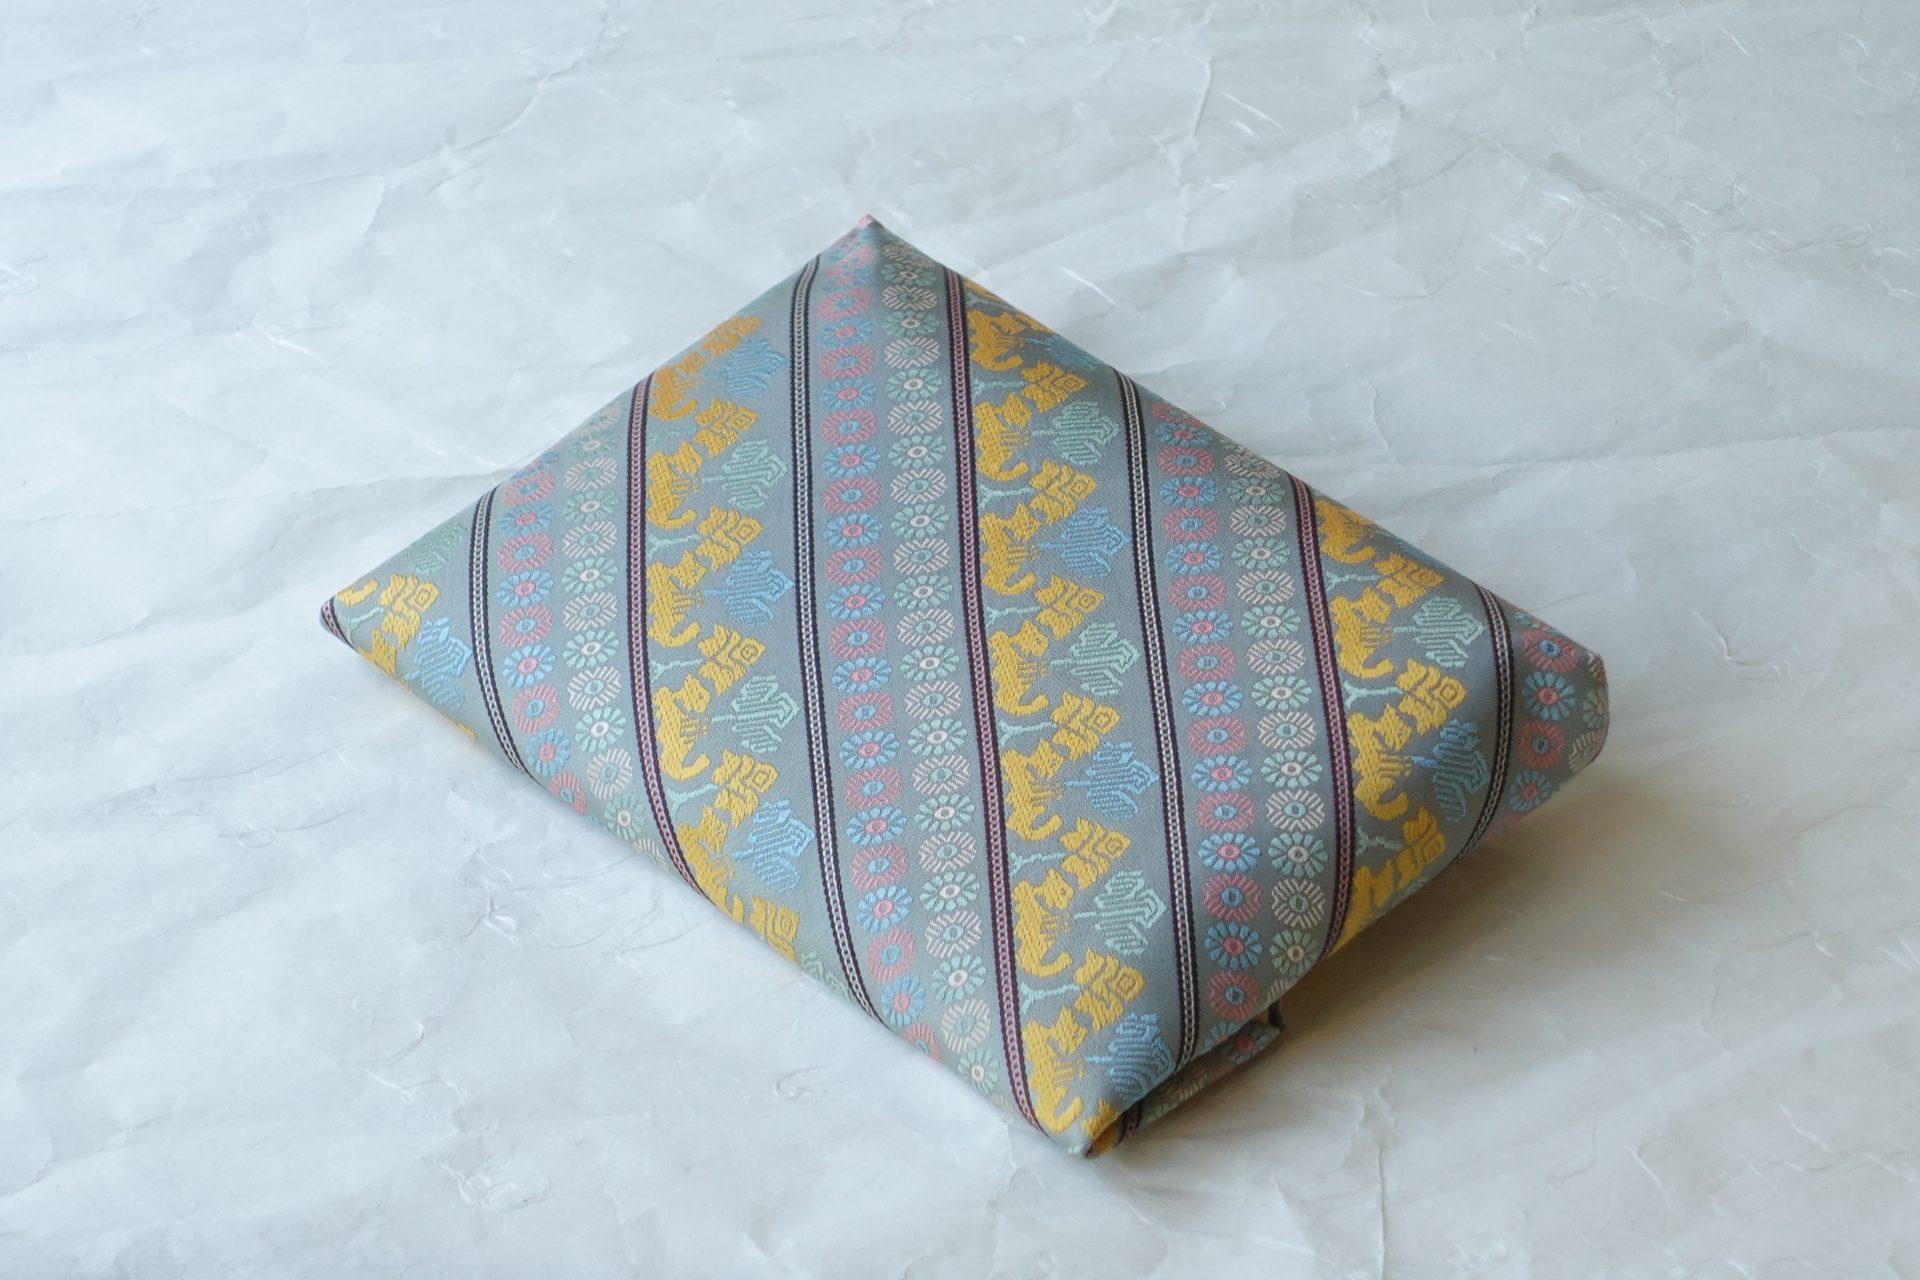 茶道具 茶の湯 日本製 正絹 数寄屋袋 袋物 和装 ハンドバッグ いちご錦 名物裂 駱駝文 ラクダの紋様